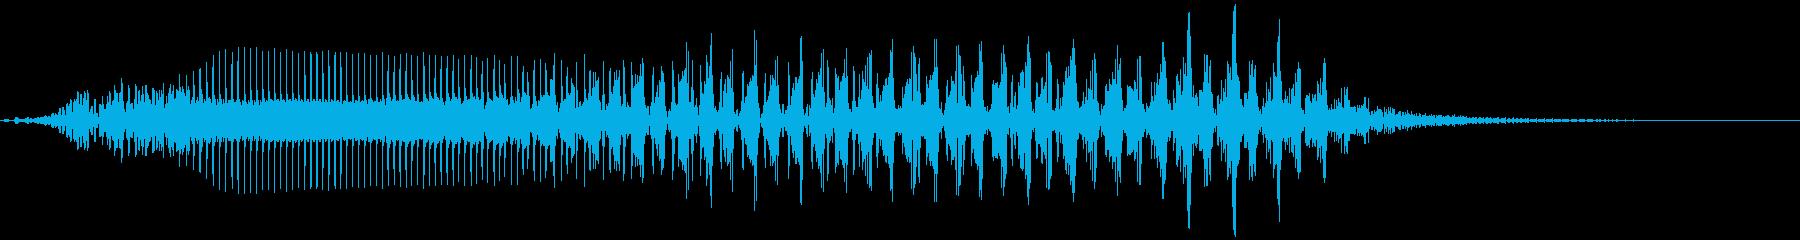 猫の鳴き声 3 怒り みぎゃー!の再生済みの波形